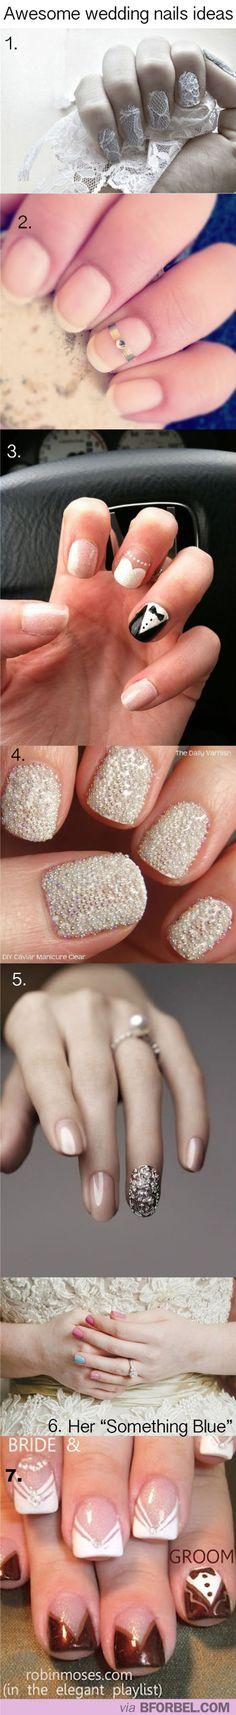 A bunch of Wedding Nails Ideas! So cute! #manicures #cuteNails